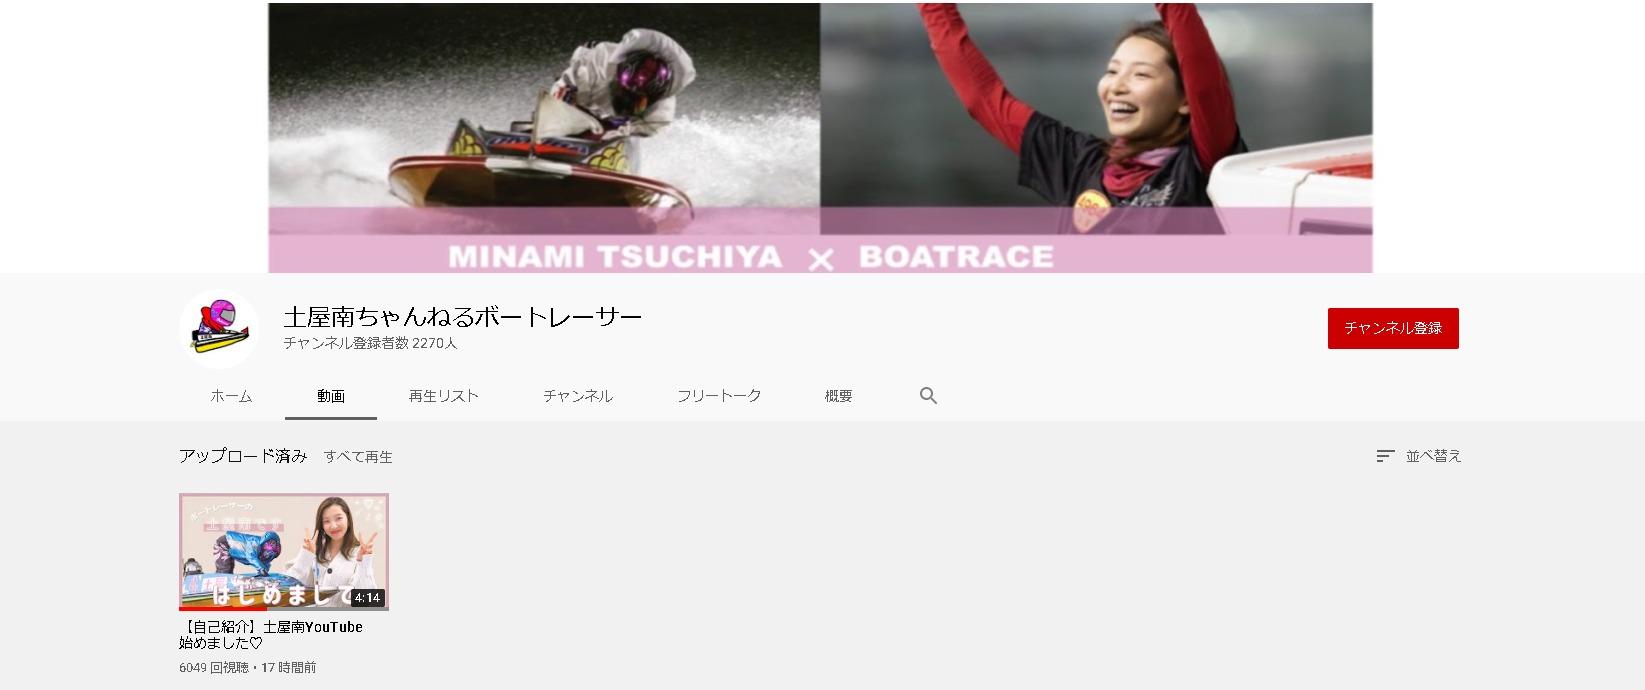 土屋南ちゃんねるボートレーサー